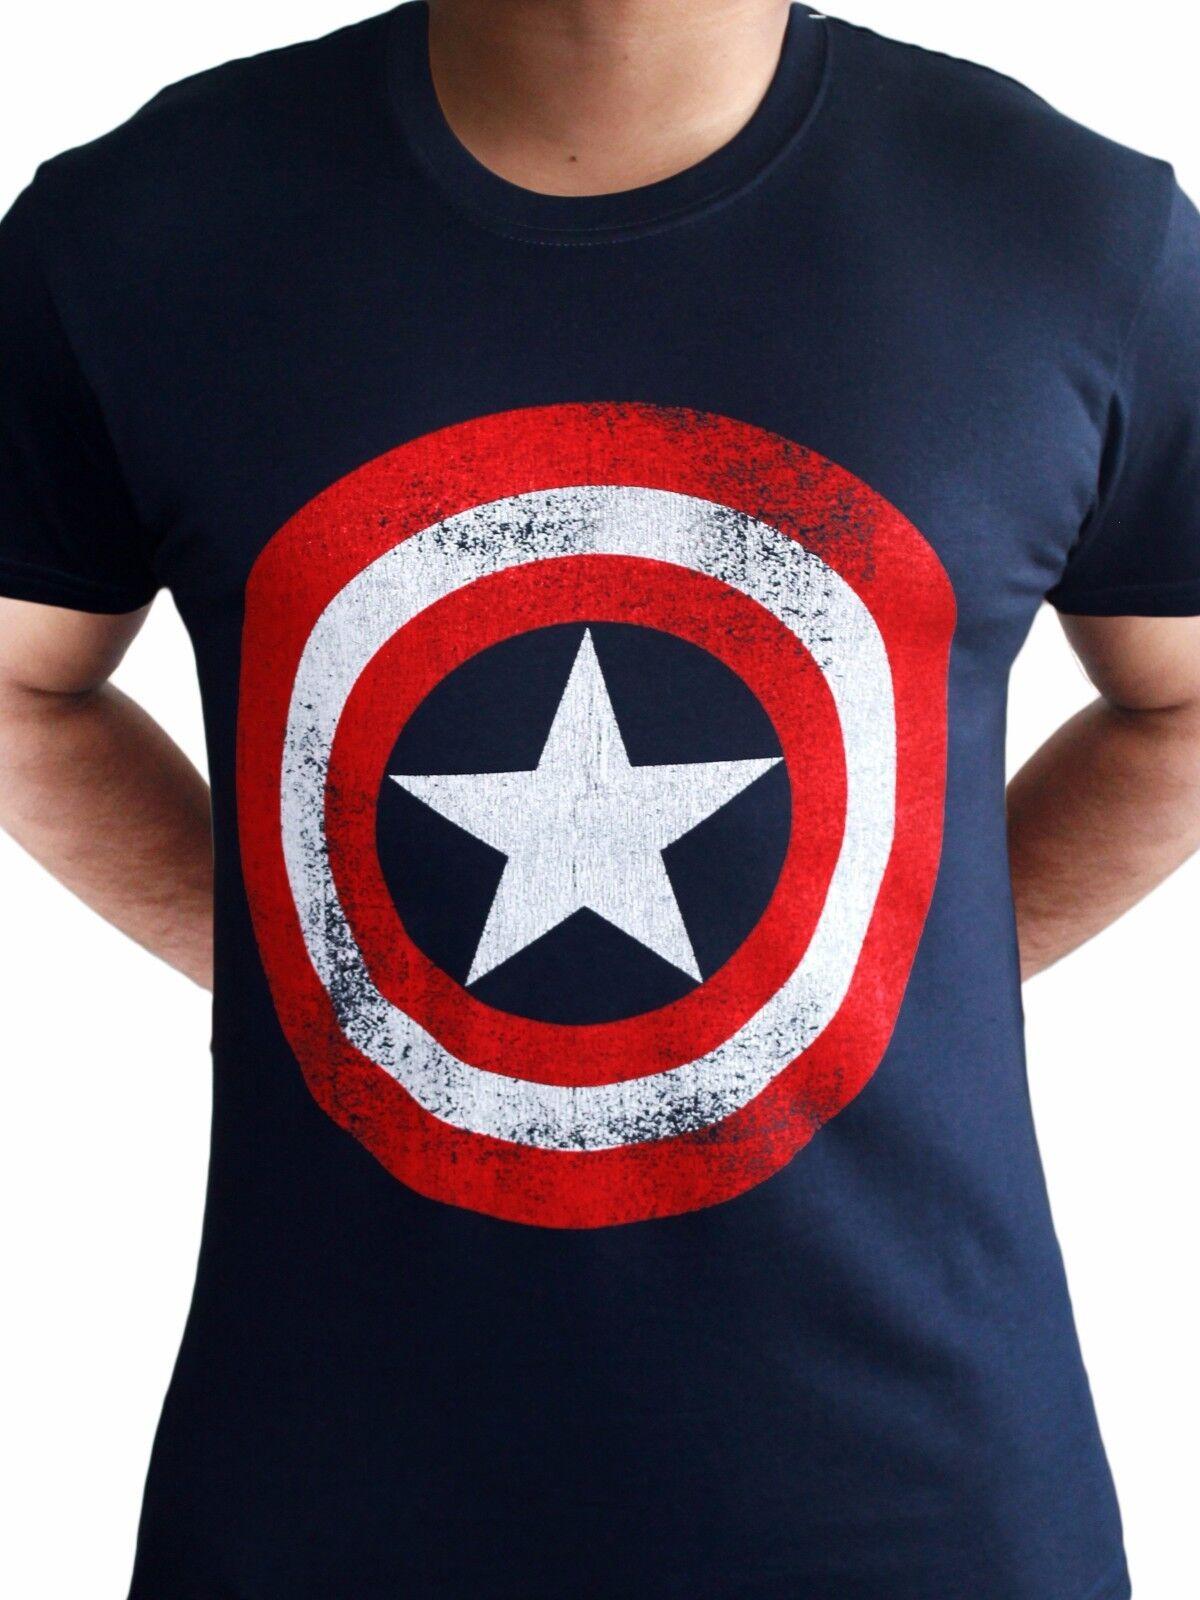 Maglietta con logo dello scudo Capitan America invecchiato blu navy adulto film